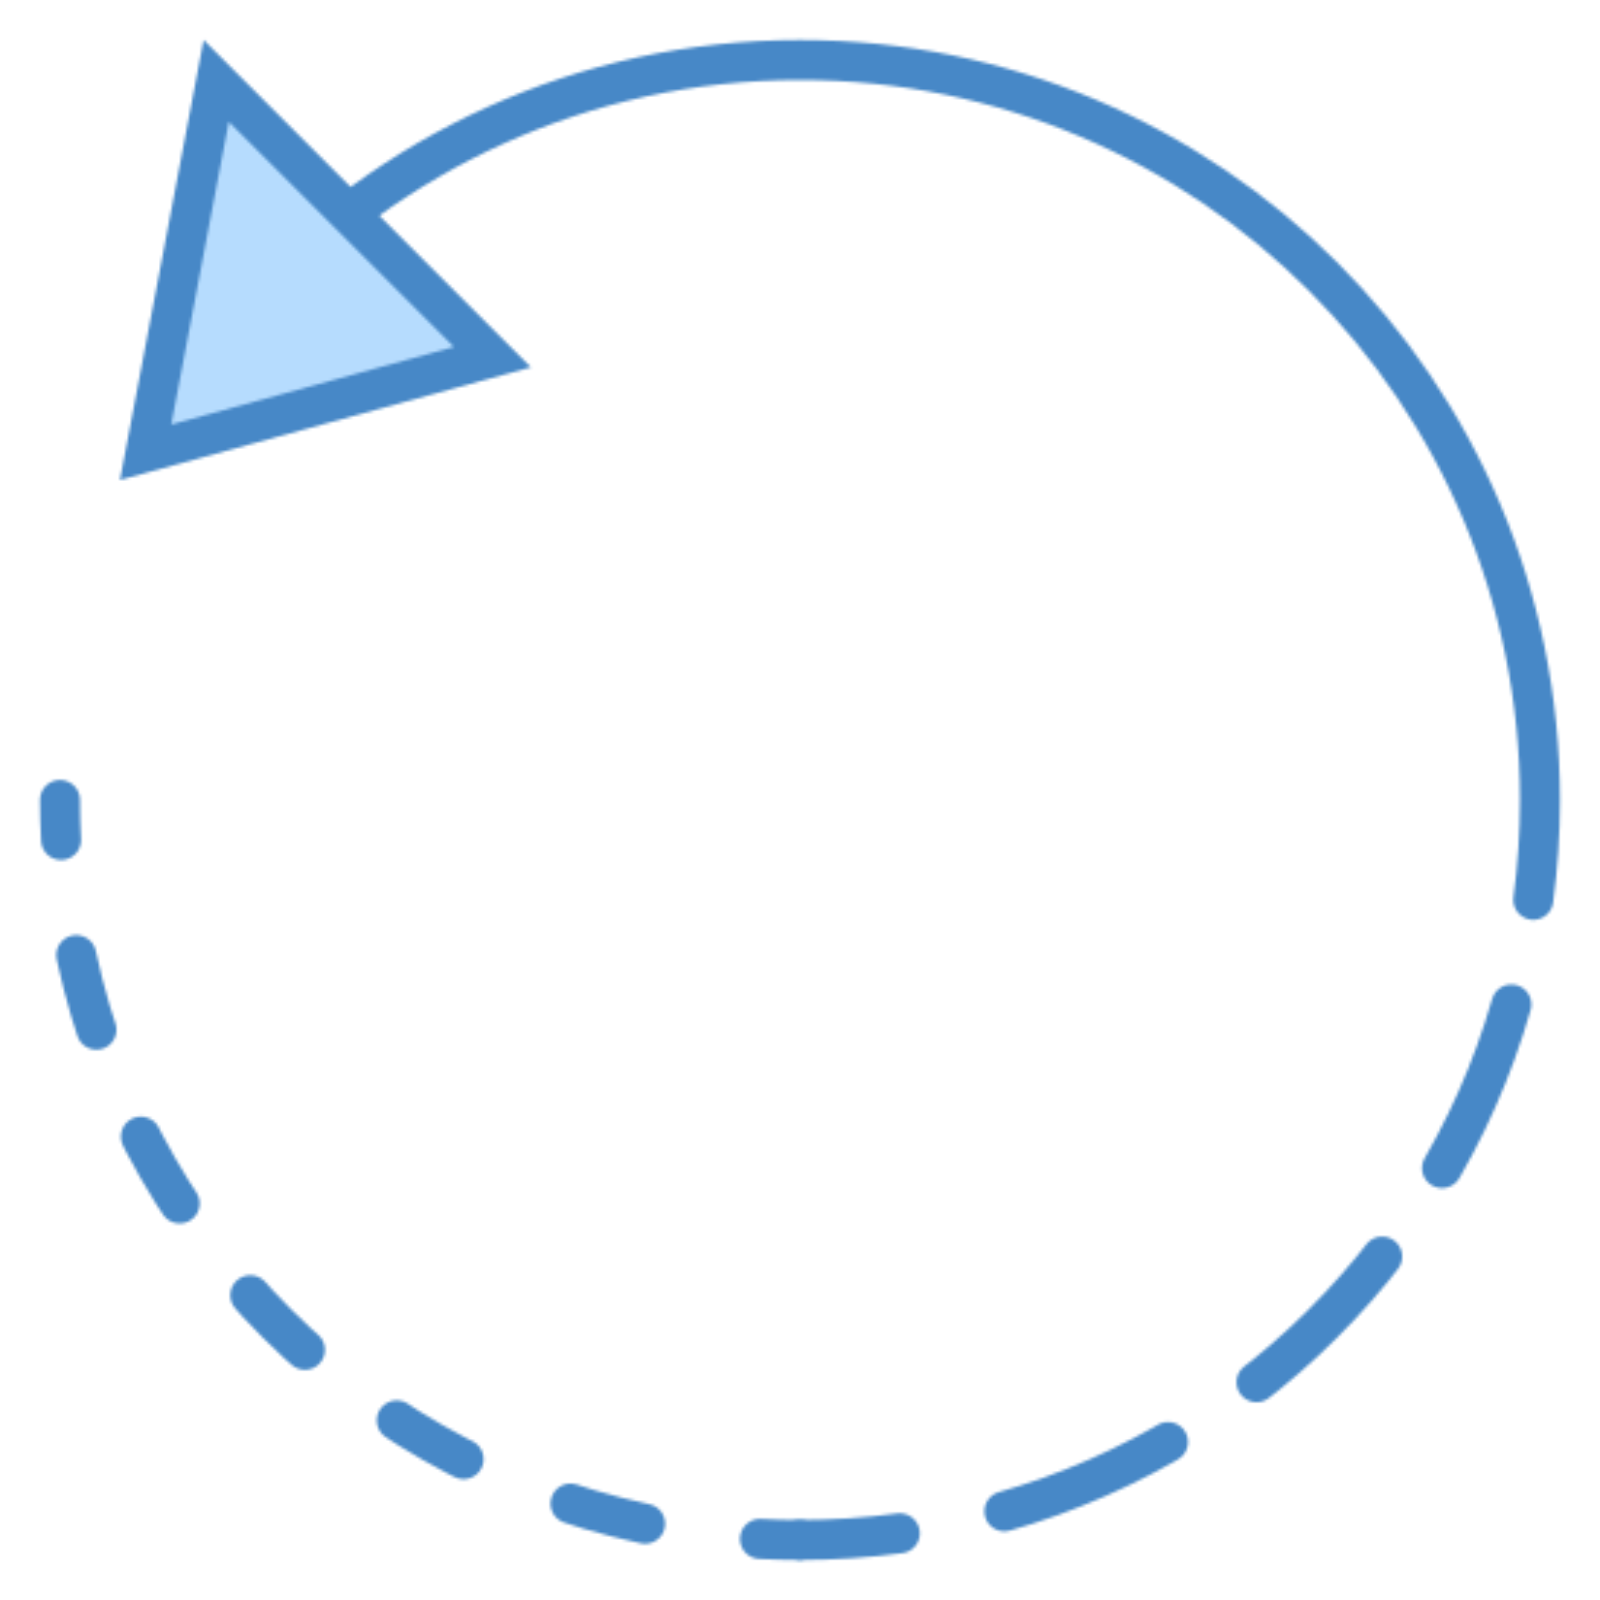 左に回転 icon. The icon Rotate Left is a circle. It starts on the left side at the bottom with seven lines that start small and get longer. The eighth line is the longest and continues all the way around ending with an arrow.